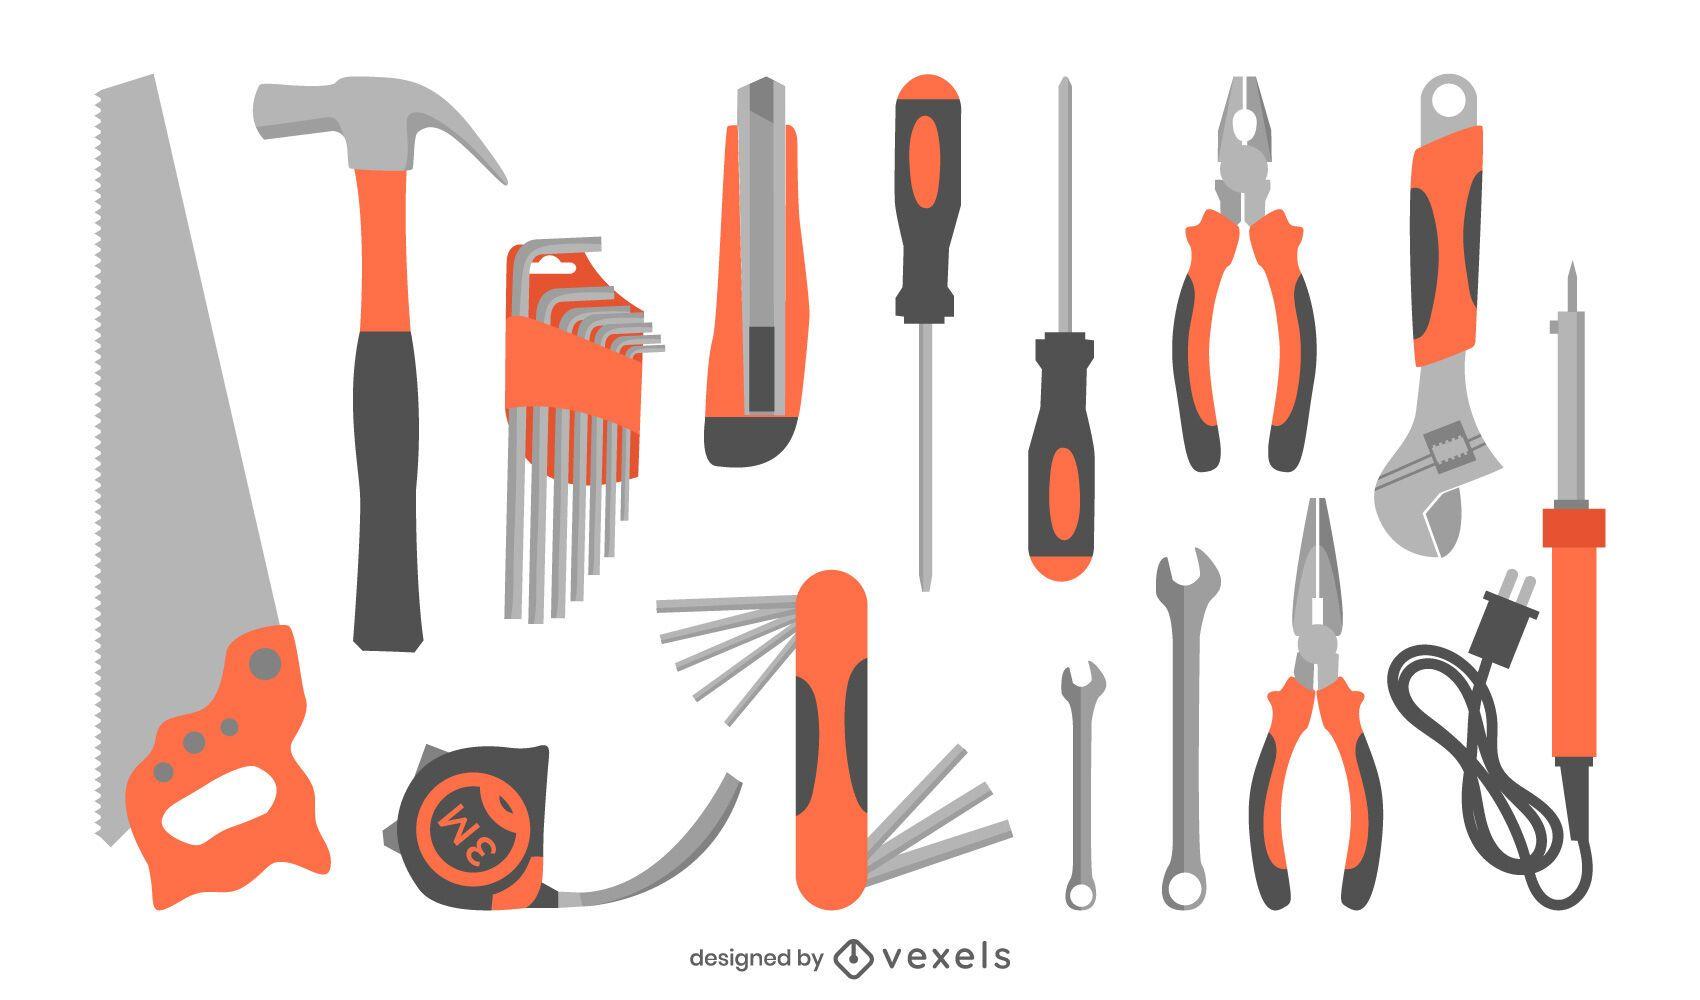 conjunto plano de herramientas de construcci?n